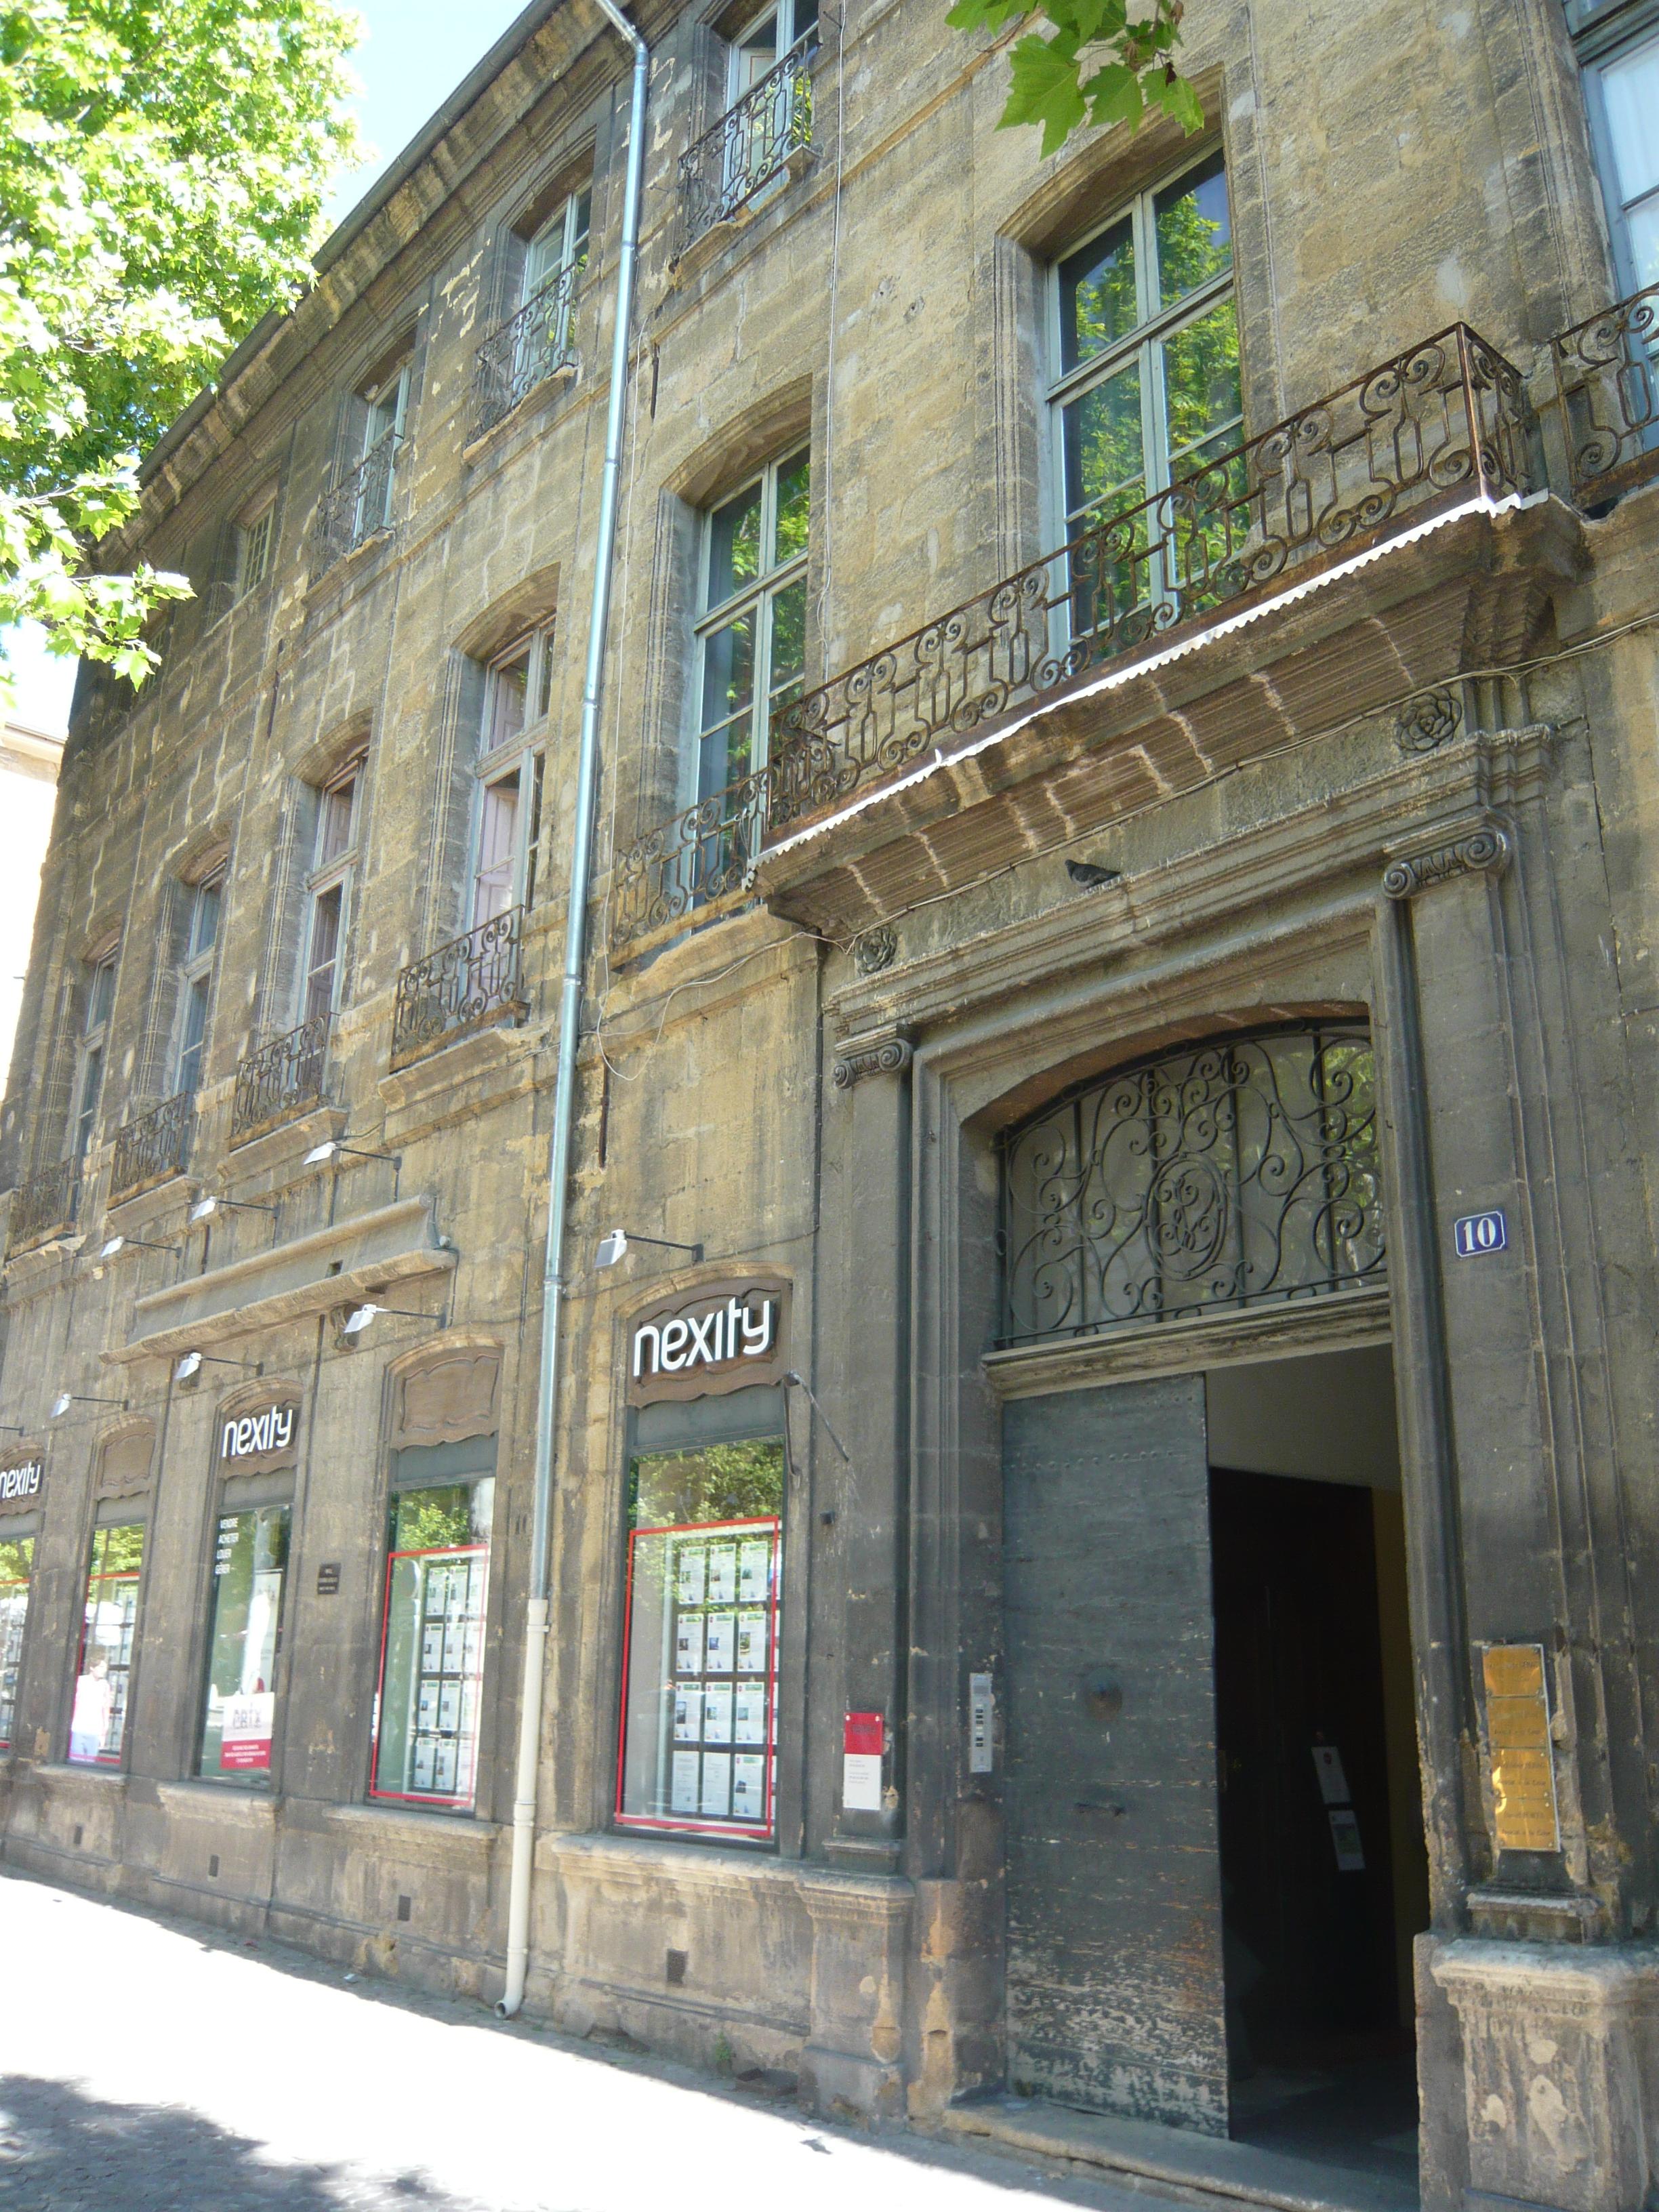 Hôtel_de_Boniface_Leydet_dit_d'Entrecasteaux_ou_Isoard_de_Vauvenargues_10_cours_Mirabeau_Aix-en-Provence